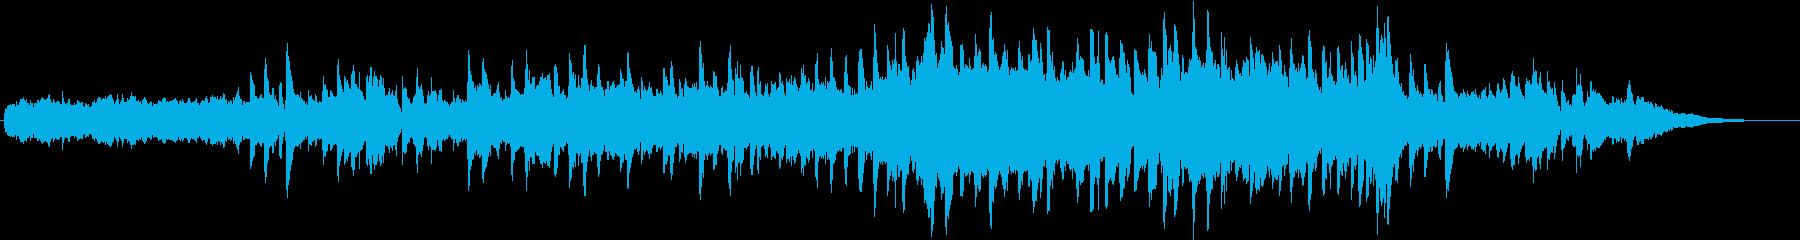 ノスタルジックな雰囲気の曲です_01の再生済みの波形